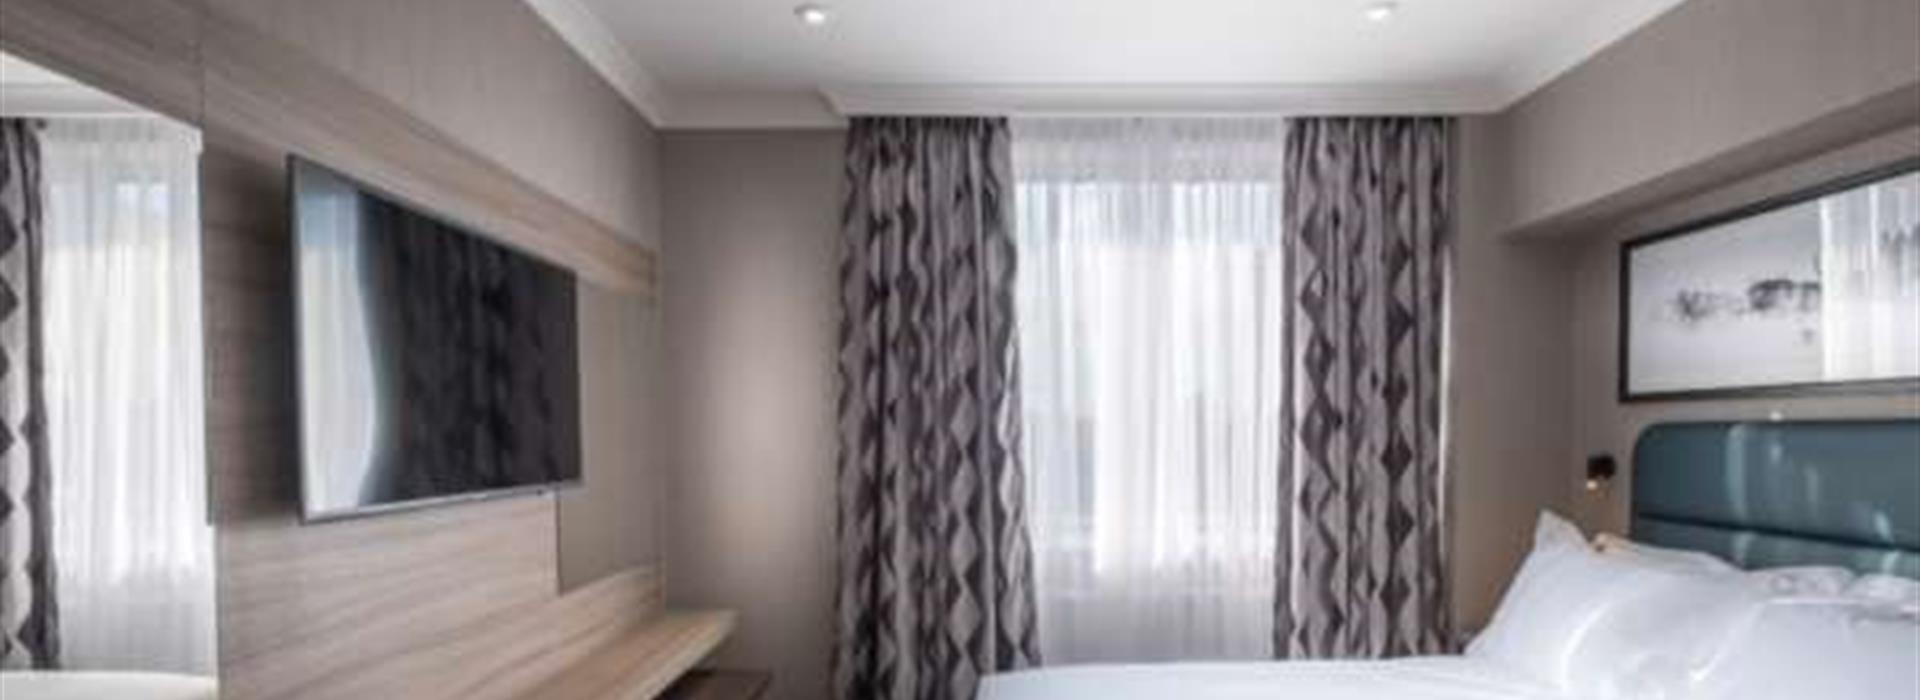 ROYAL-NATIONAL-HOTEL-UK